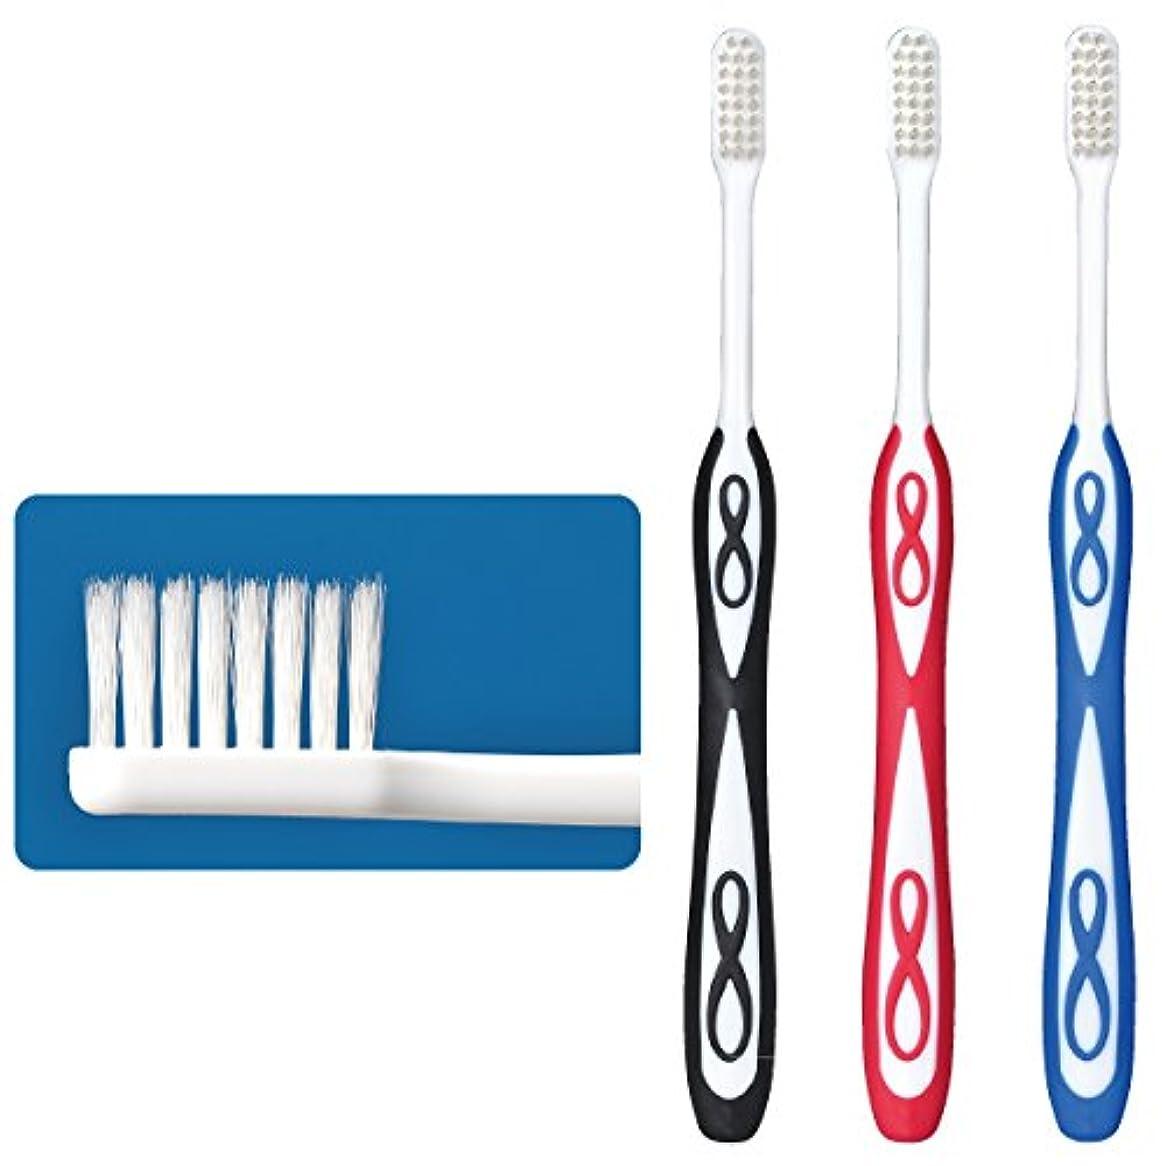 アベニュー政令ビットLover8(ラバーエイト)歯ブラシ レギュラータイプ オールテーパー毛 Mふつう 3本入